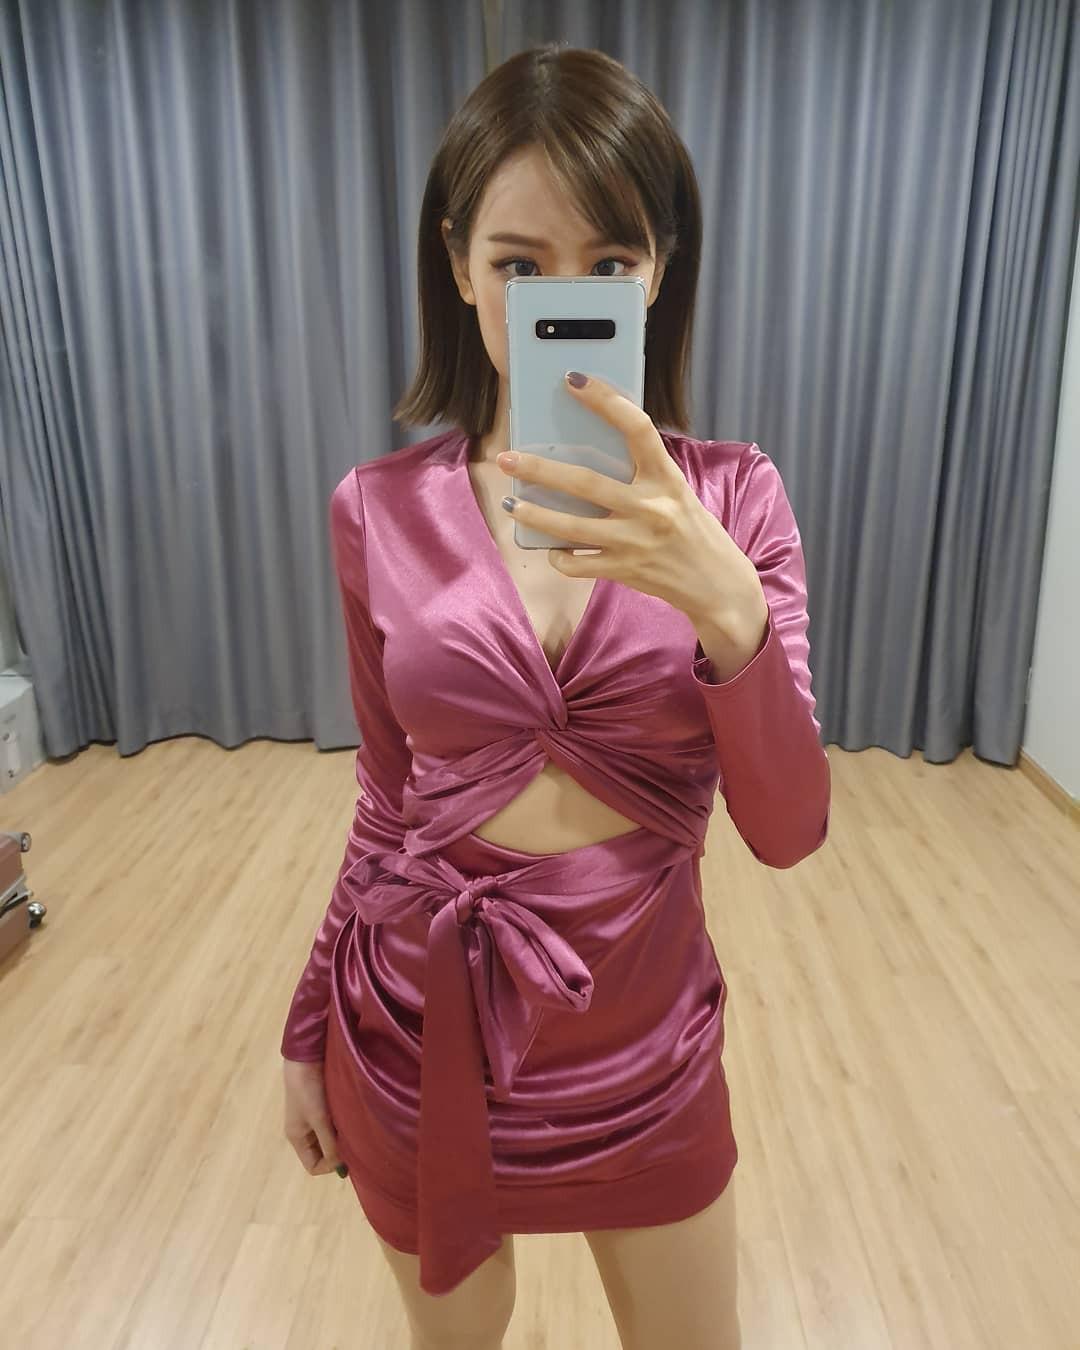 Giữa nghi vấn đạo nhạc, Min lại dính lùm xùm mặc váy nhái giống tỉ phú Kylie Jenner Ảnh 1